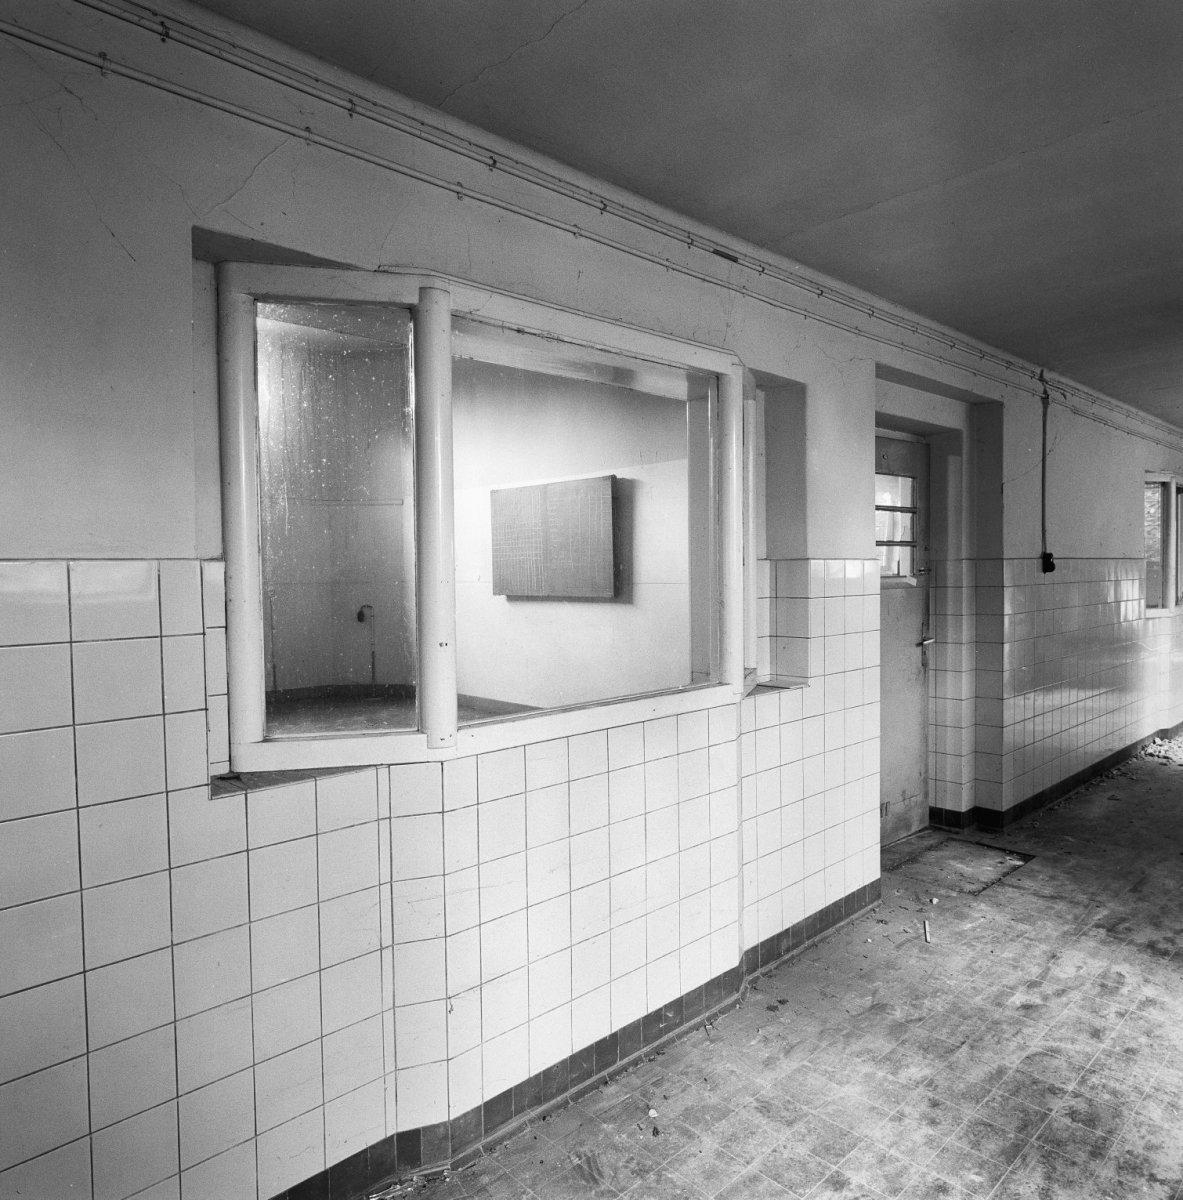 File:Interieur school, gang met raam van klaslokaal - Sittard ...